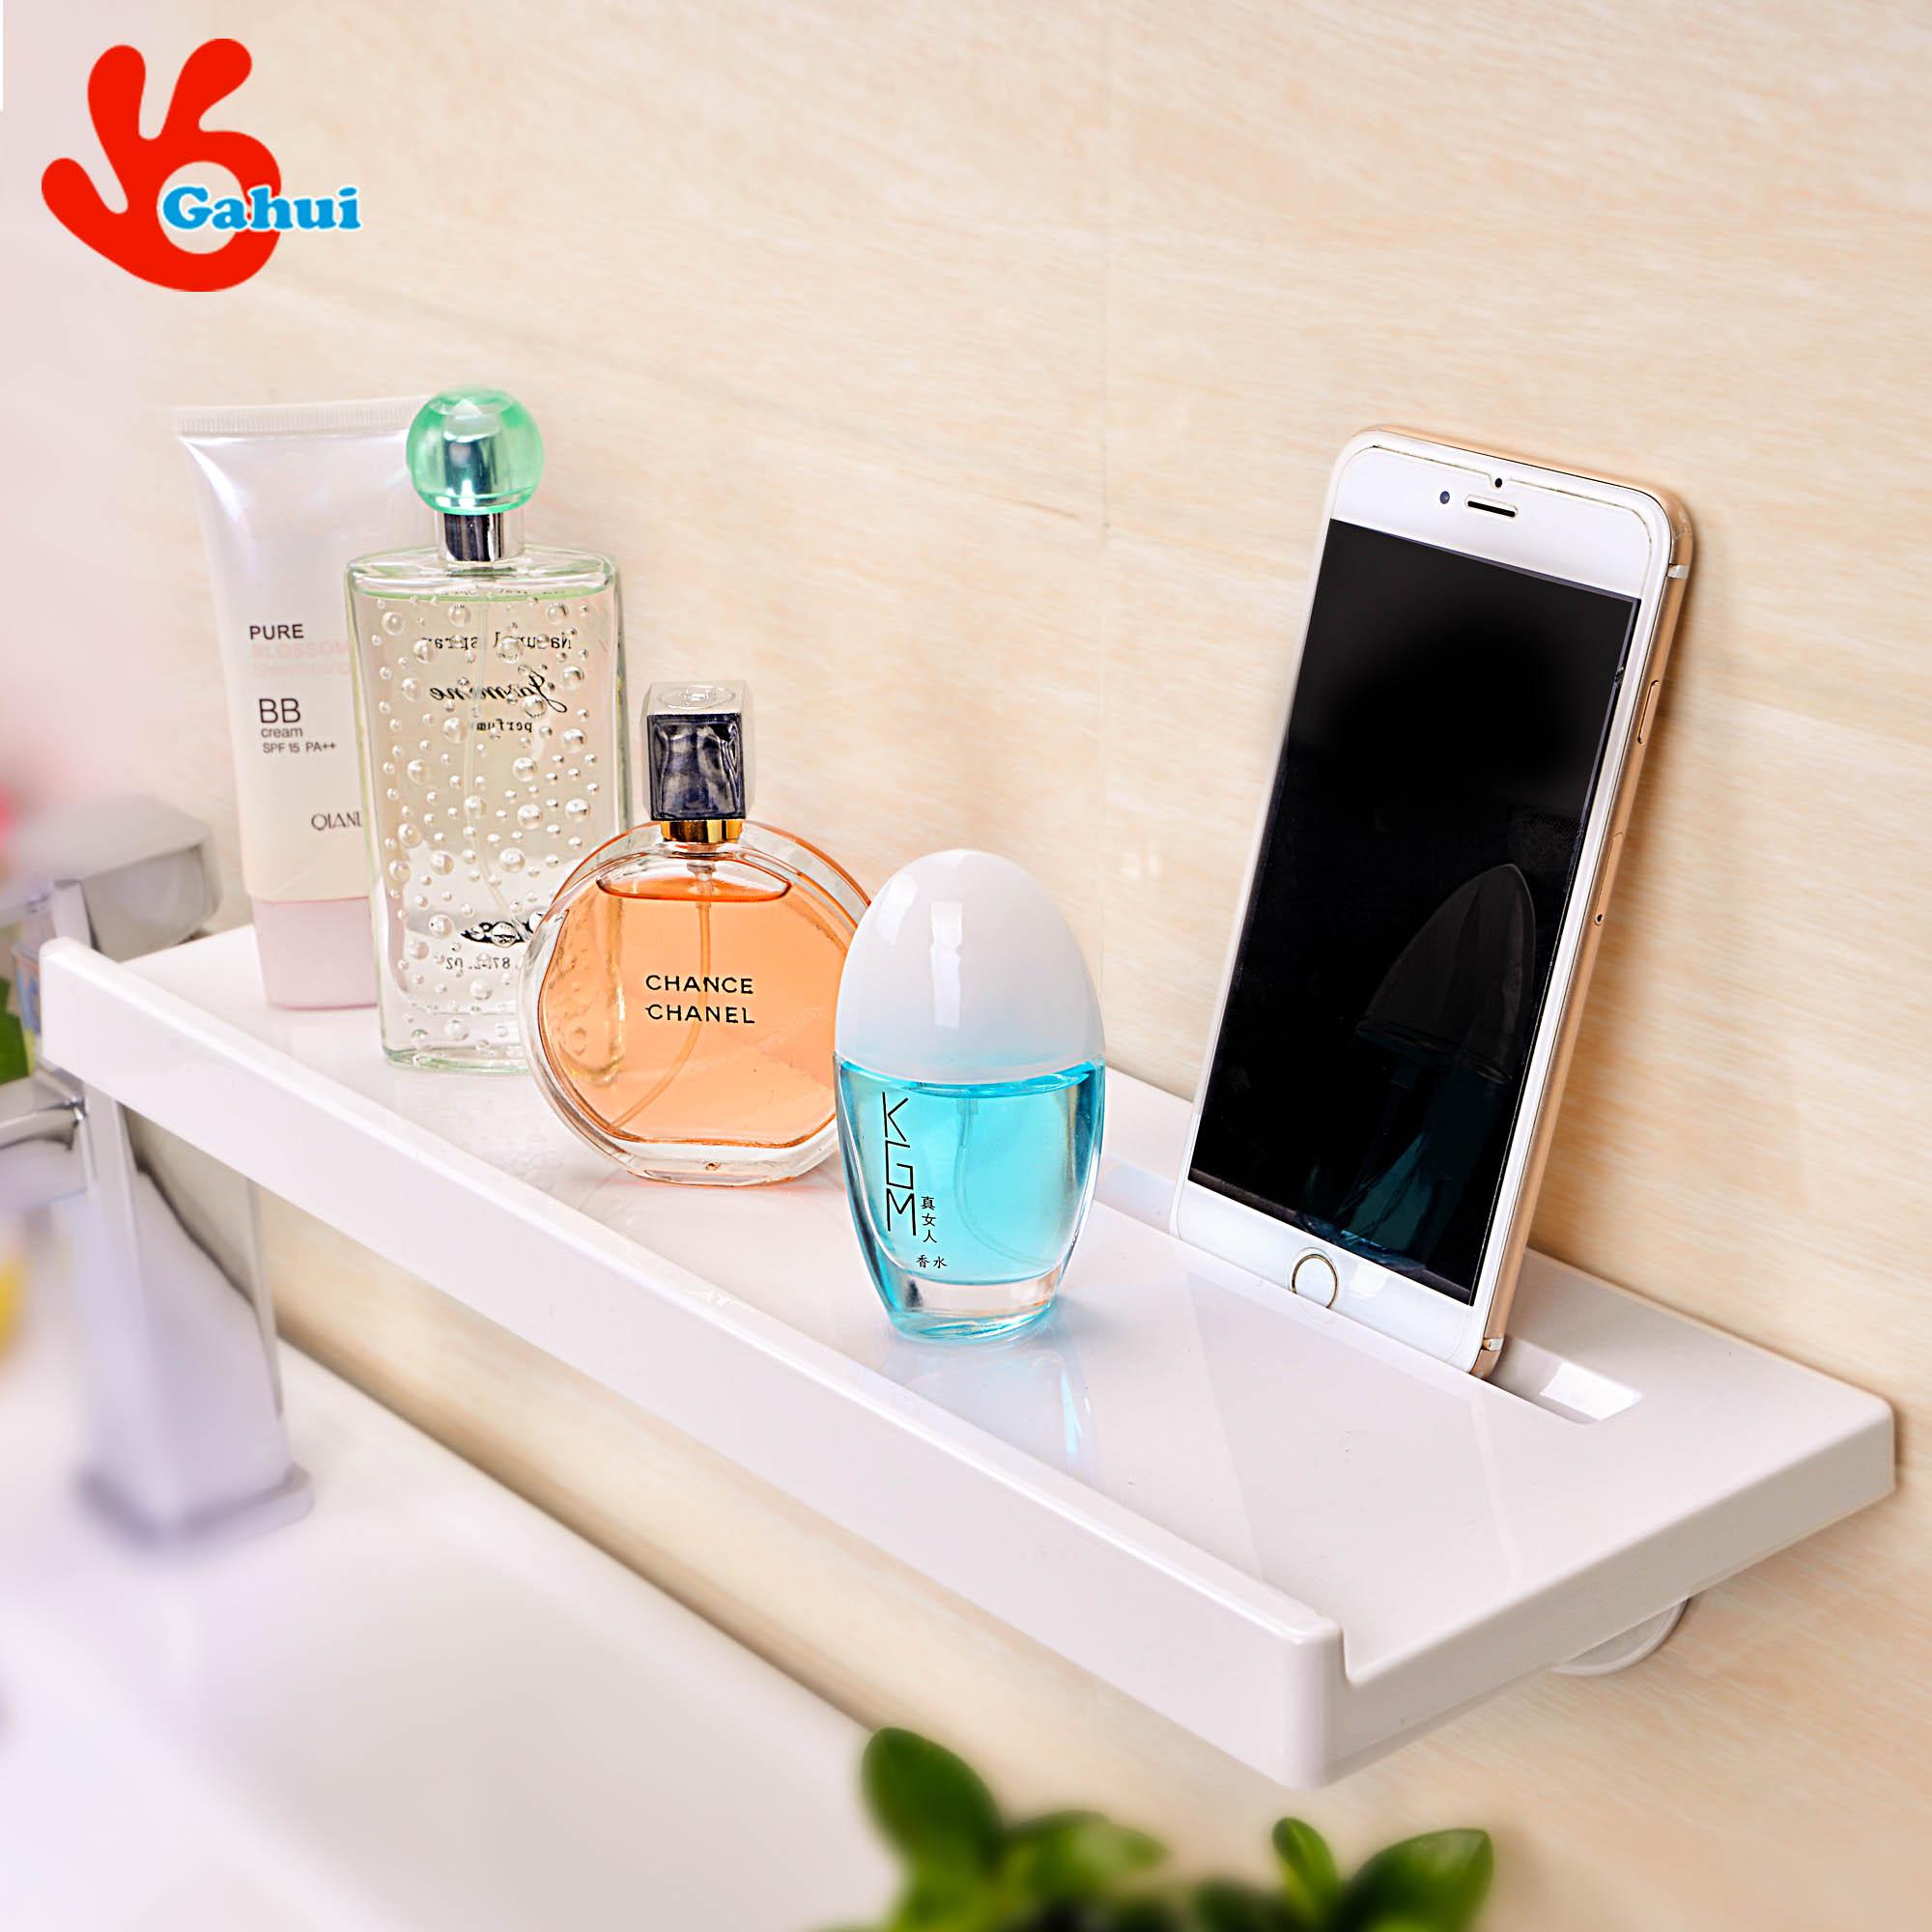 吸壁式浴室衛生間置物架洗澡間免打孔吸盤置物架壁掛置物架